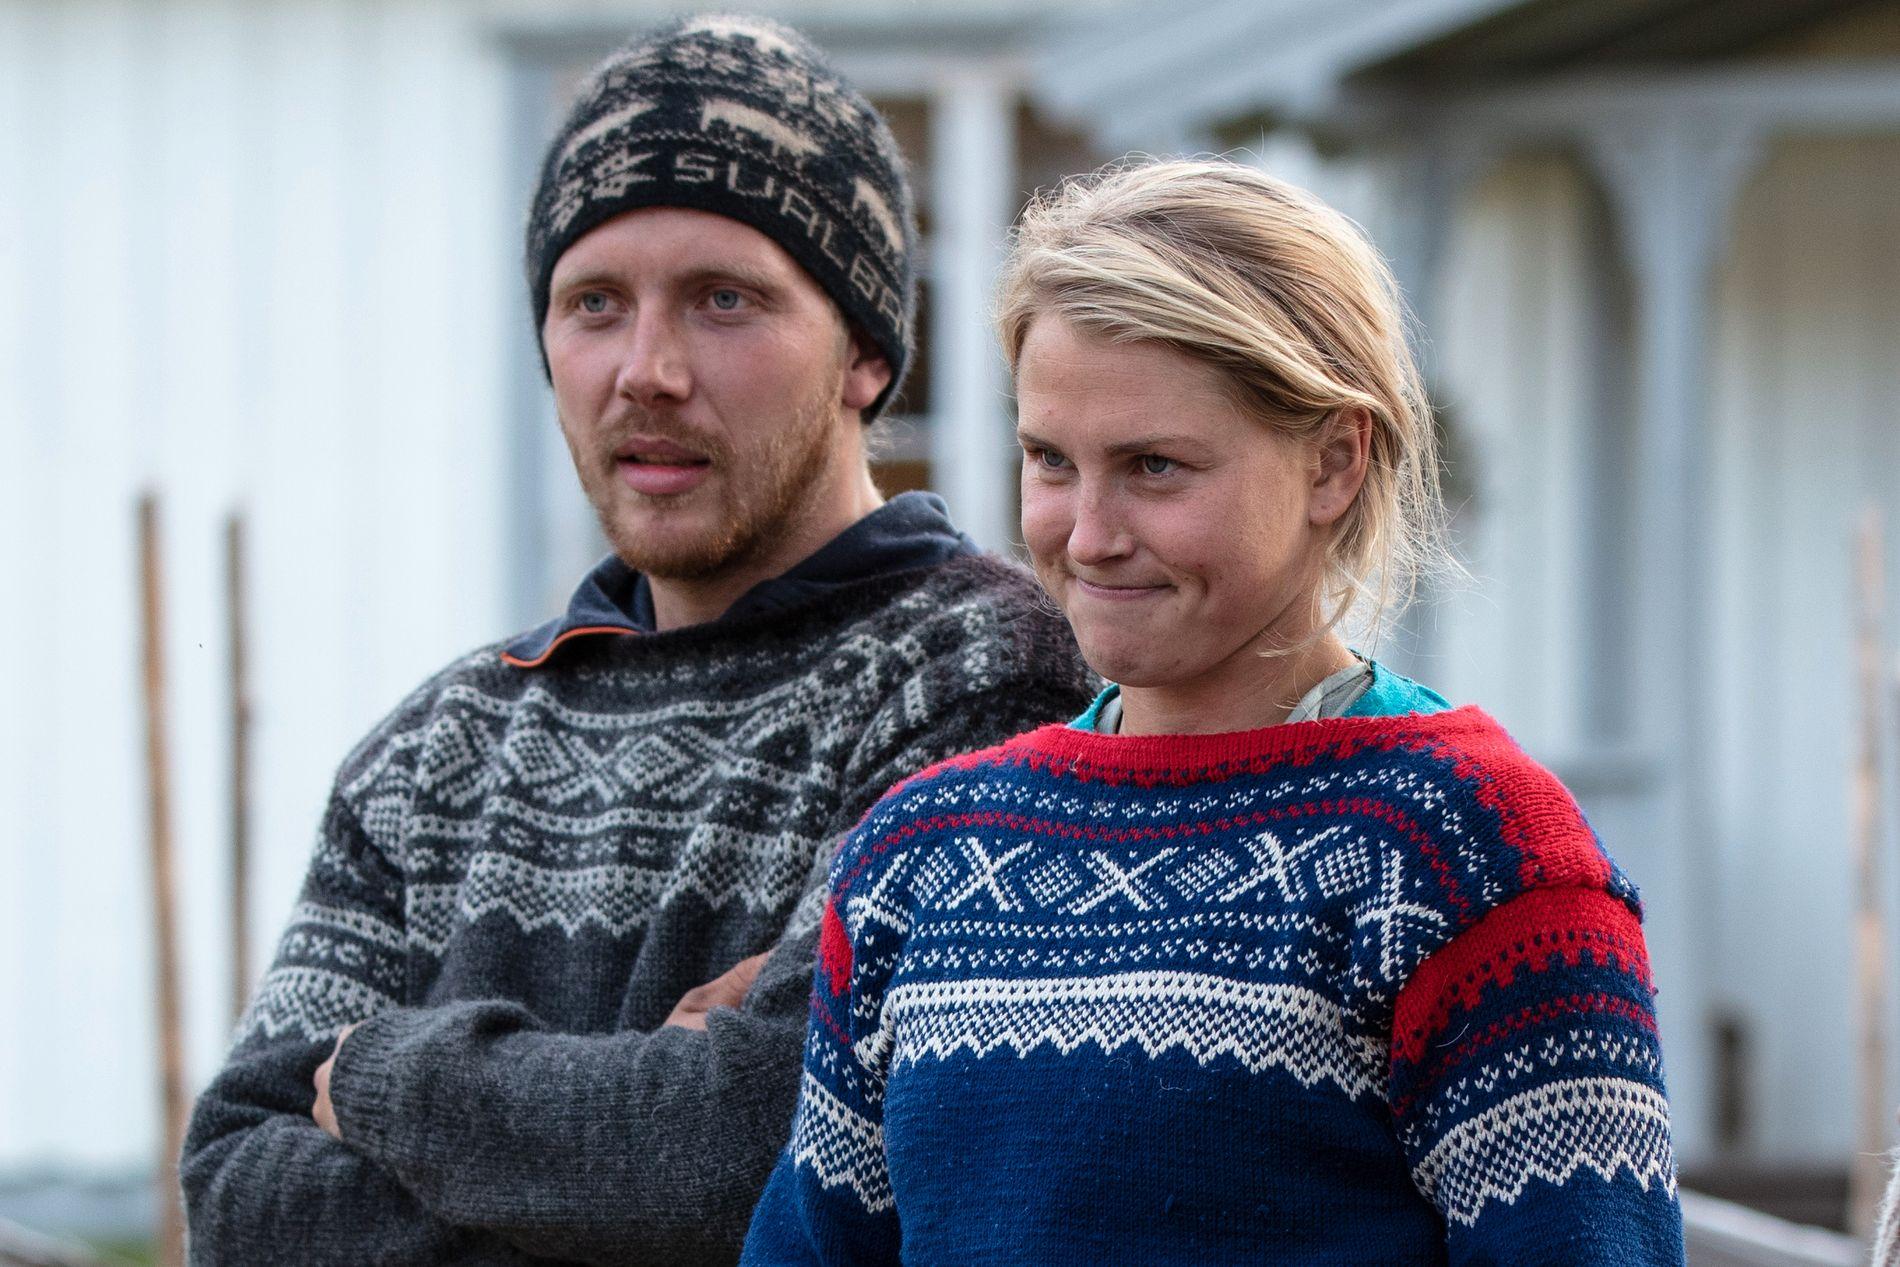 KRANGLER: Kjetil Nørstebø og Tonje Frøystad Garvik før årets finale, der hun gikk seirende ut.